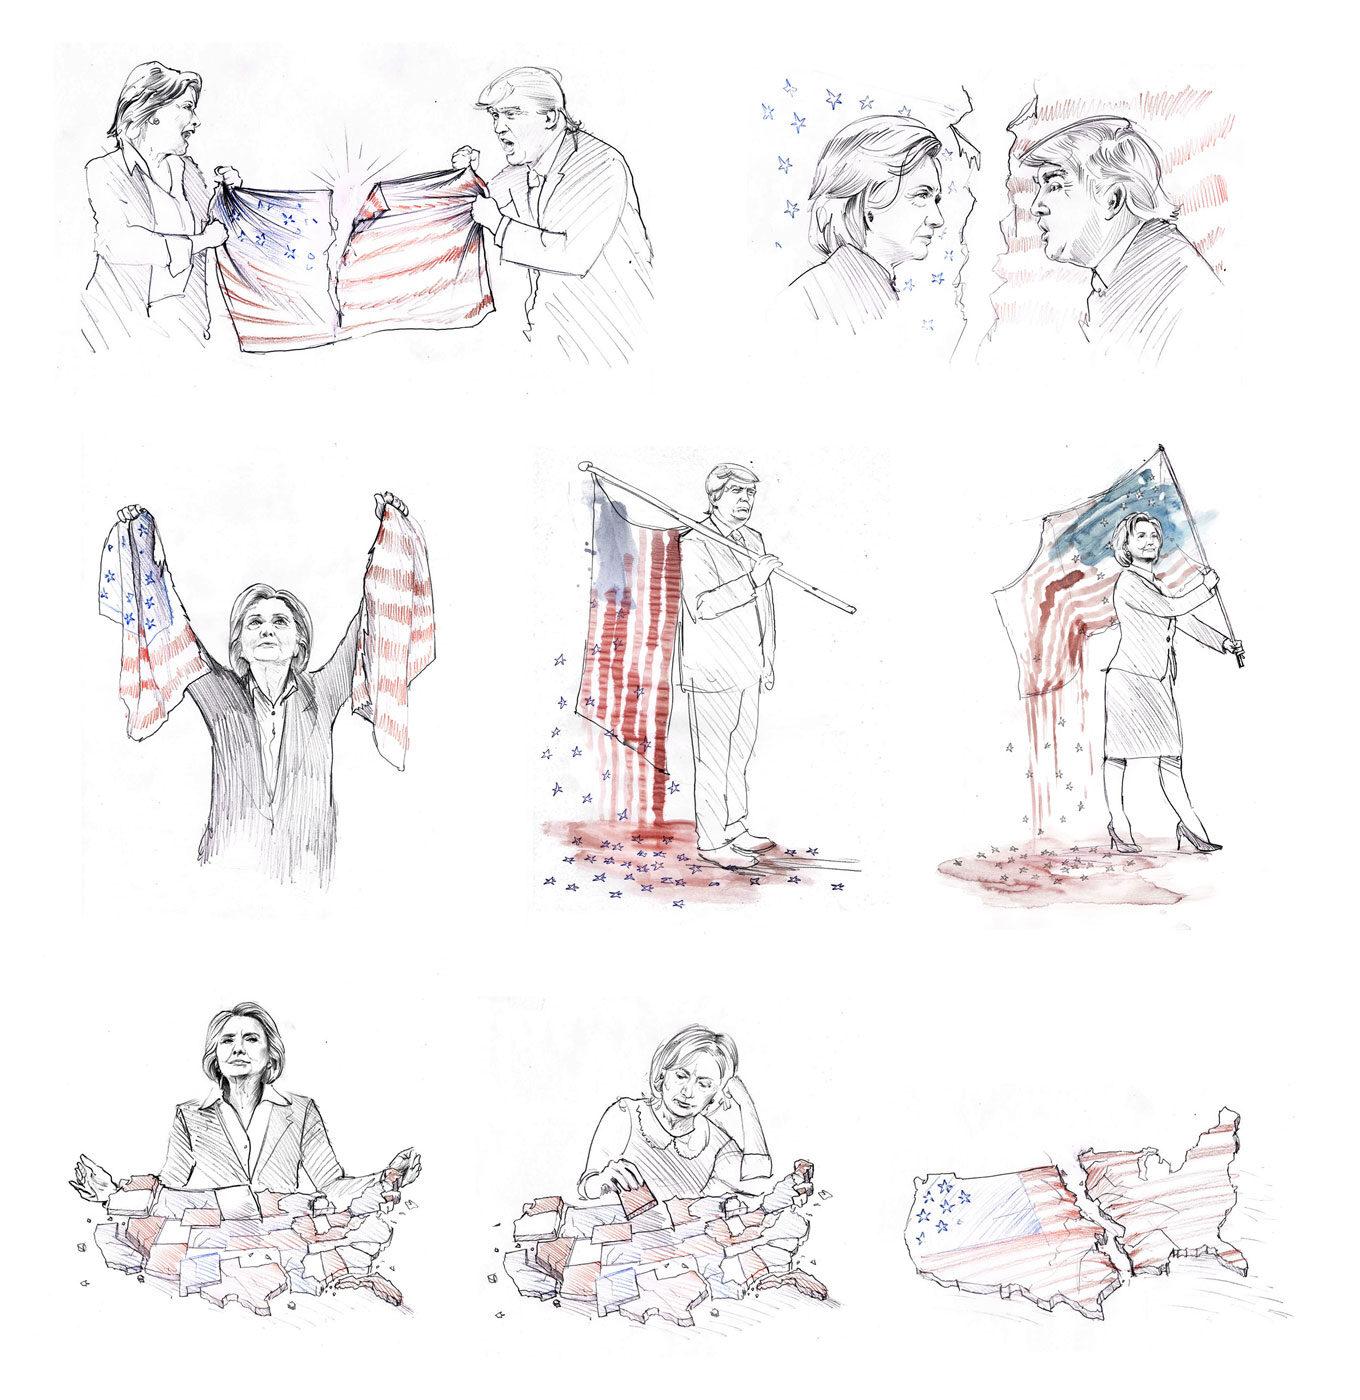 Skizzen Die Zeit - Kornel Illustration | Kornel Stadler portfolio